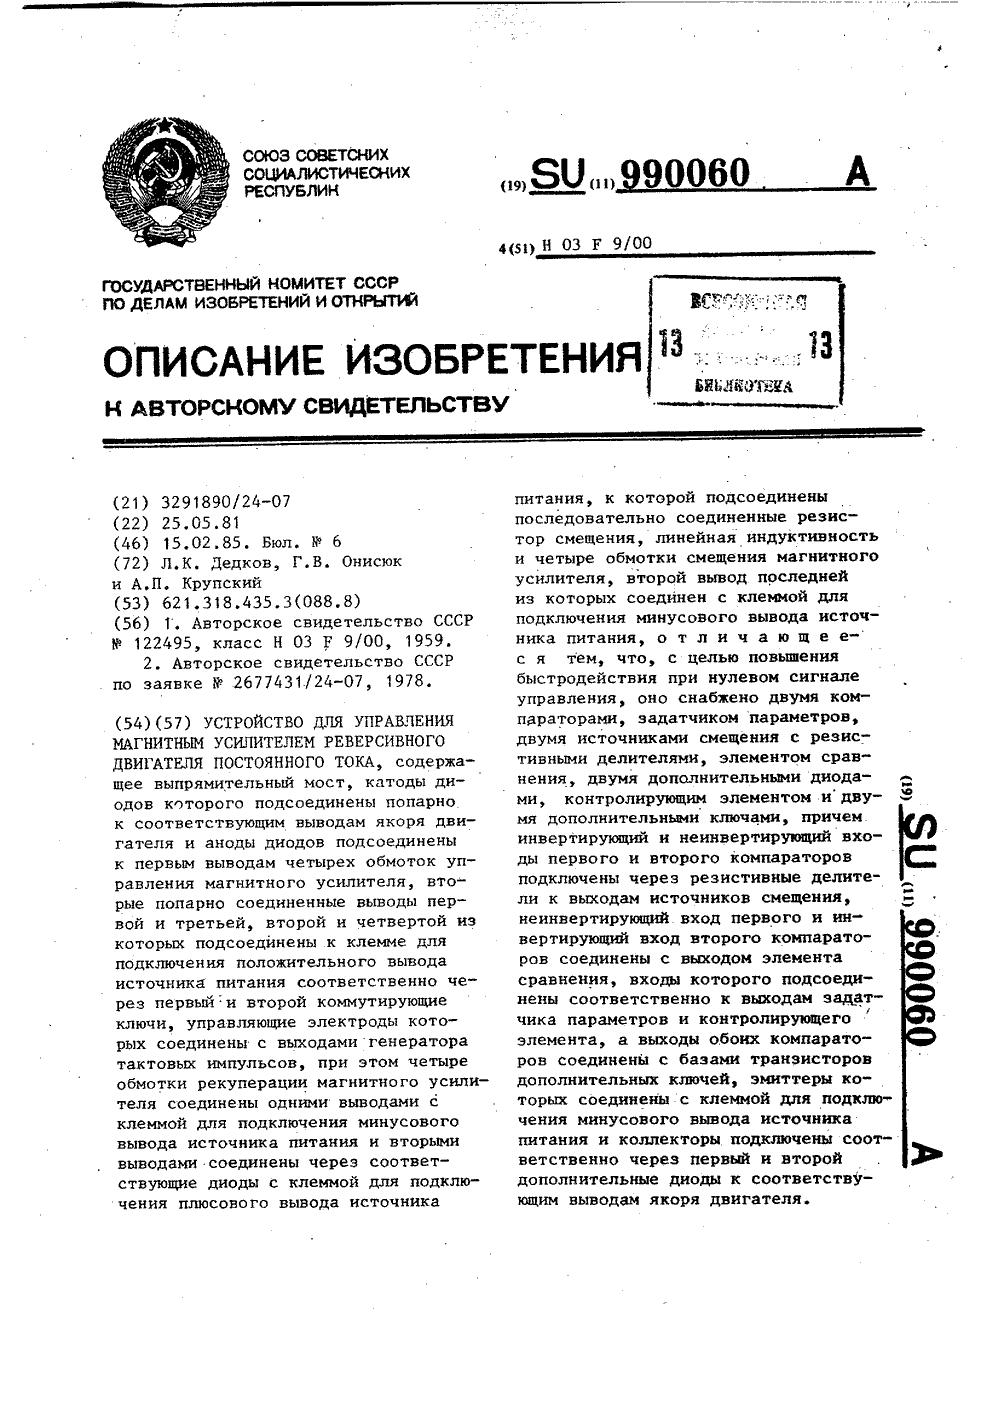 3. л. схема управления фазорасщепителем.